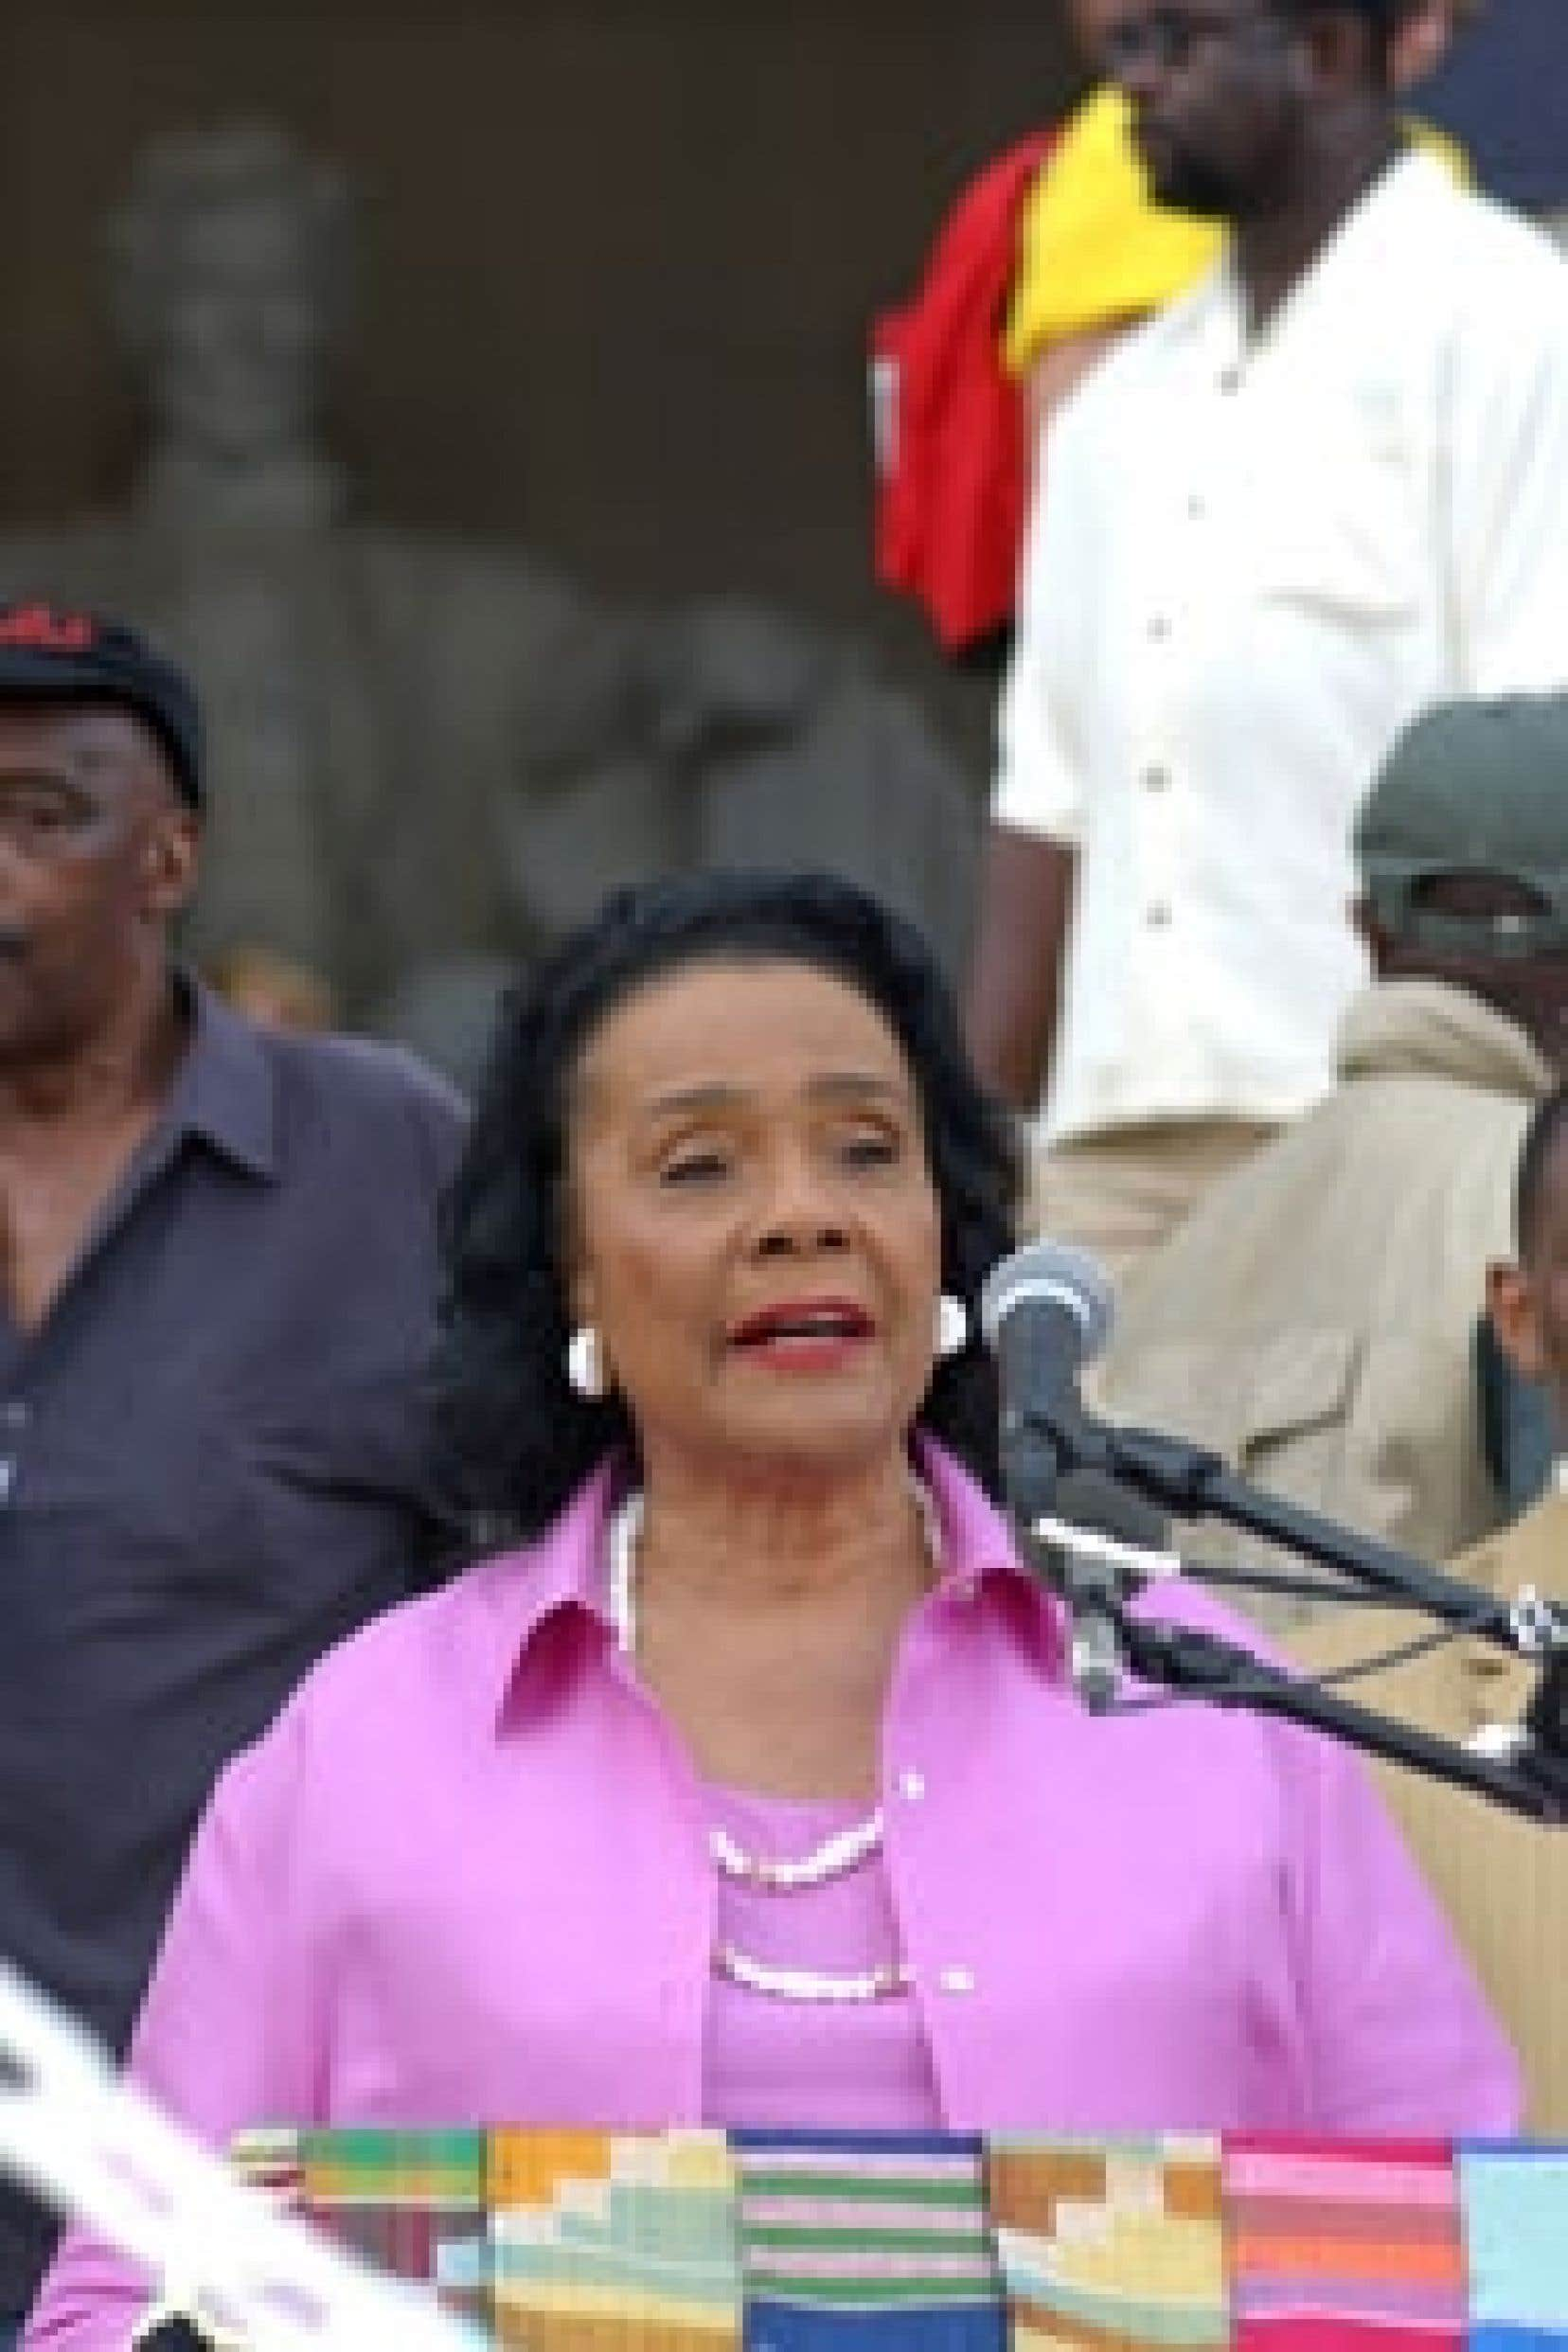 Coretta Scott King lors d'un discours en 2003. Condoleezza Rice, originaire d'Alabama, comme Mme King, a pleuré la perte «d'une championne des droits de l'homme».